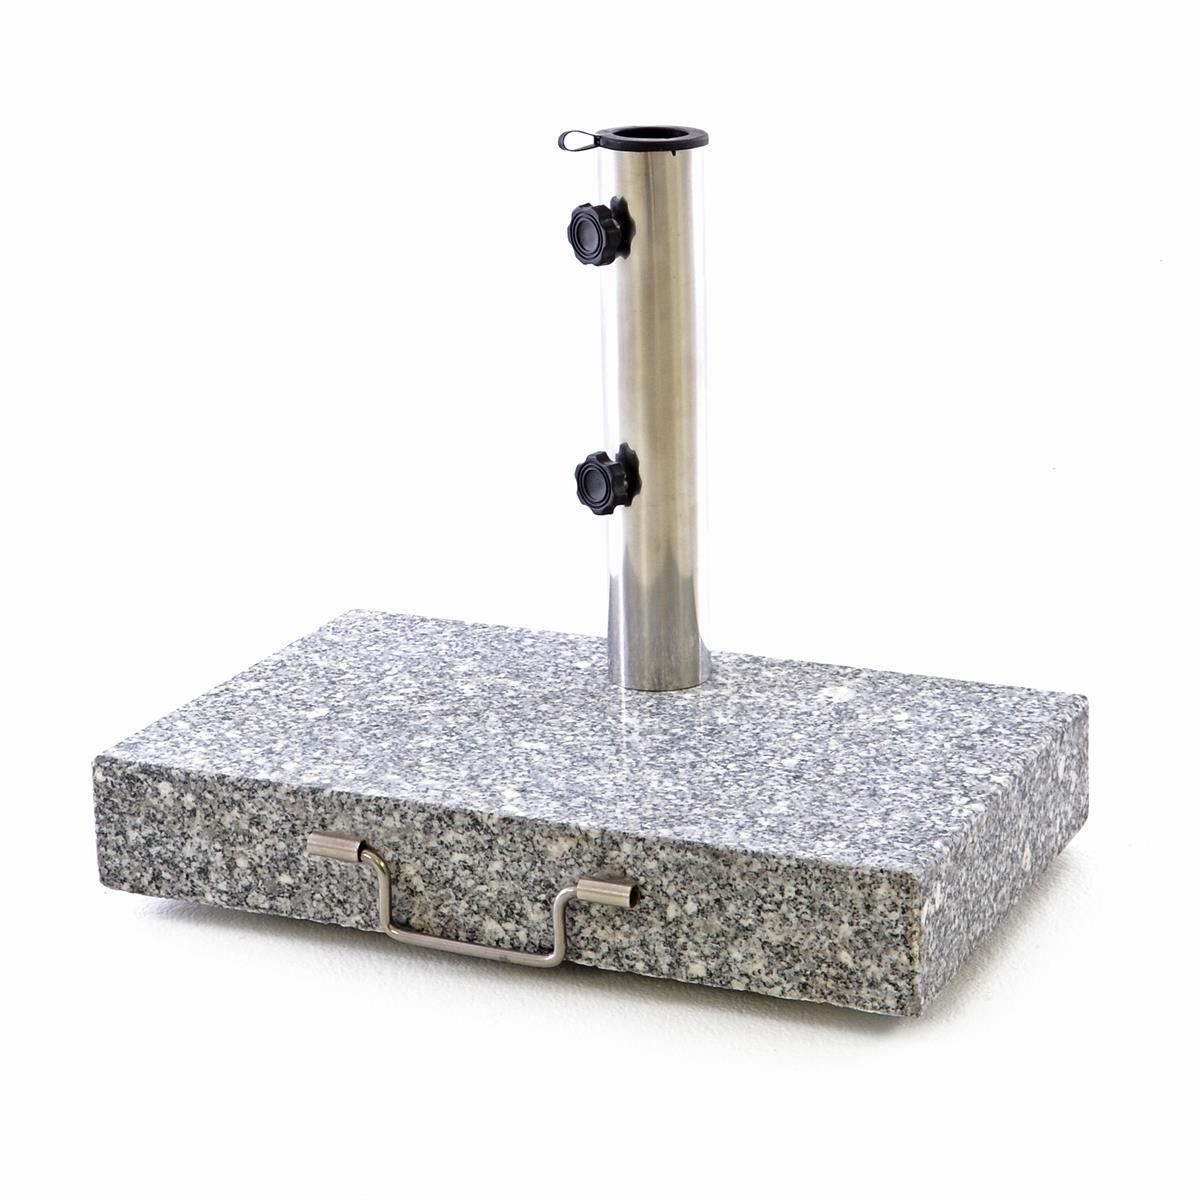 Sonnenschirmständer 25 kg Granit grau halb eckig 45 x 28 cm Balkonständer